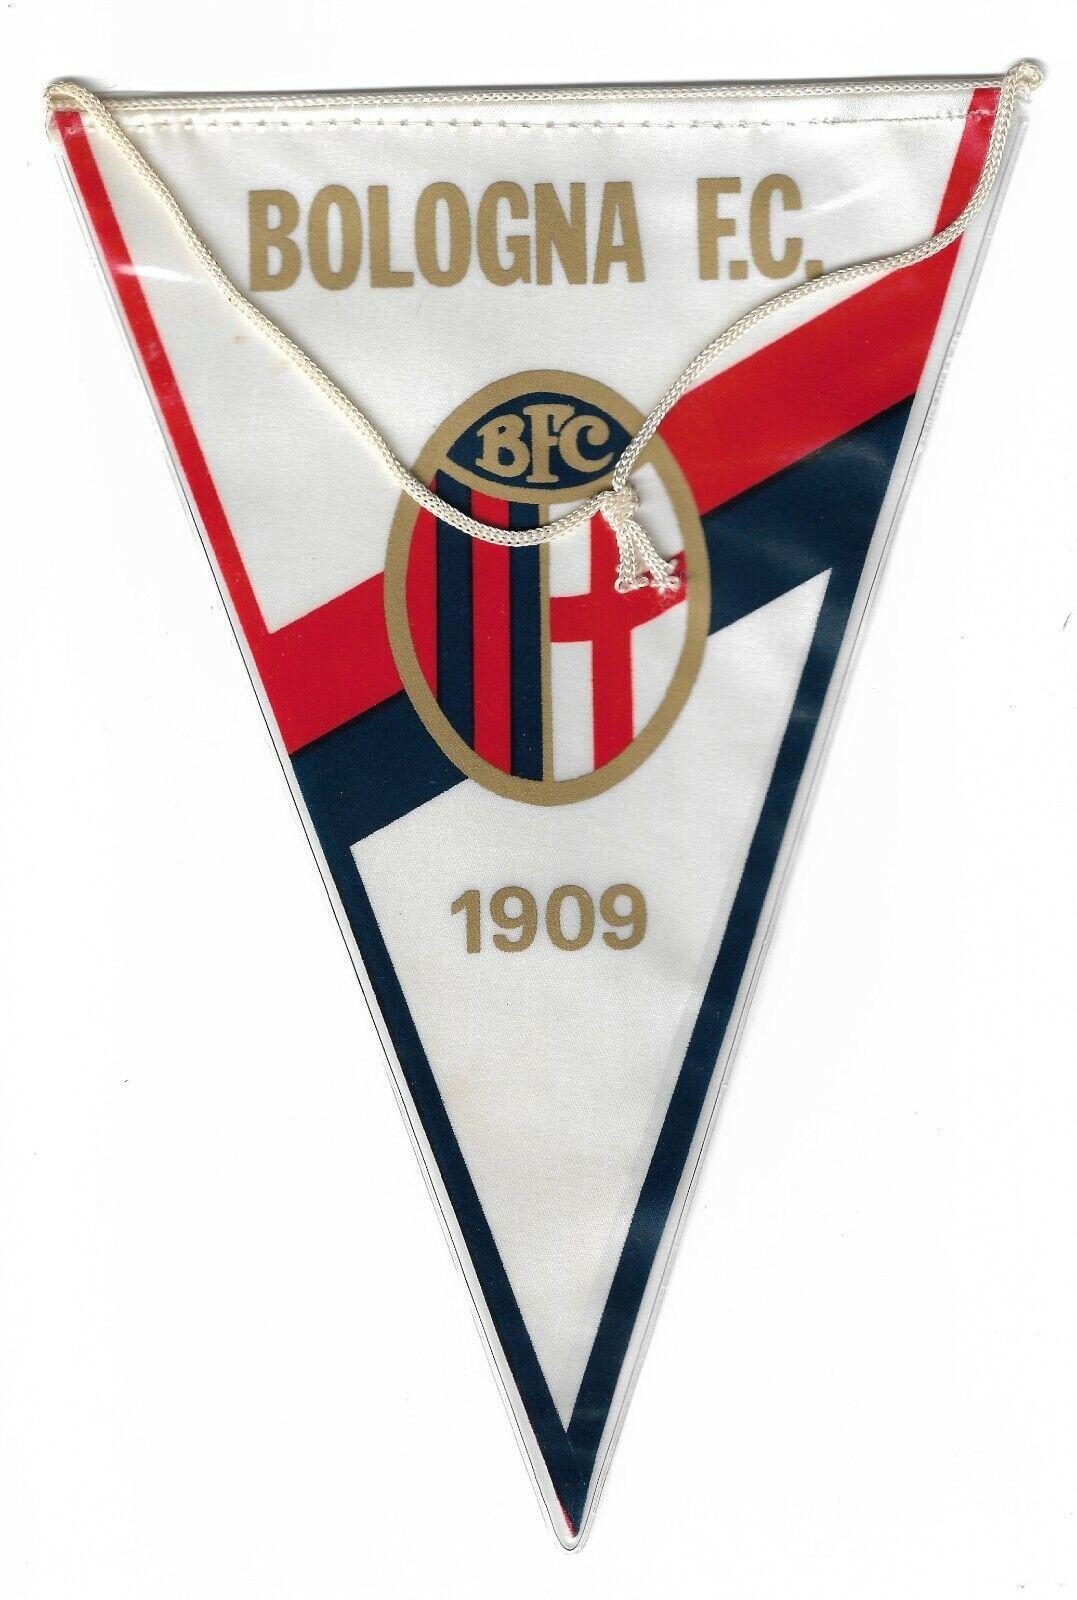 Bologna Fc 1909 Italy Football Soccer Club Vintage Pennant Flag Ebay